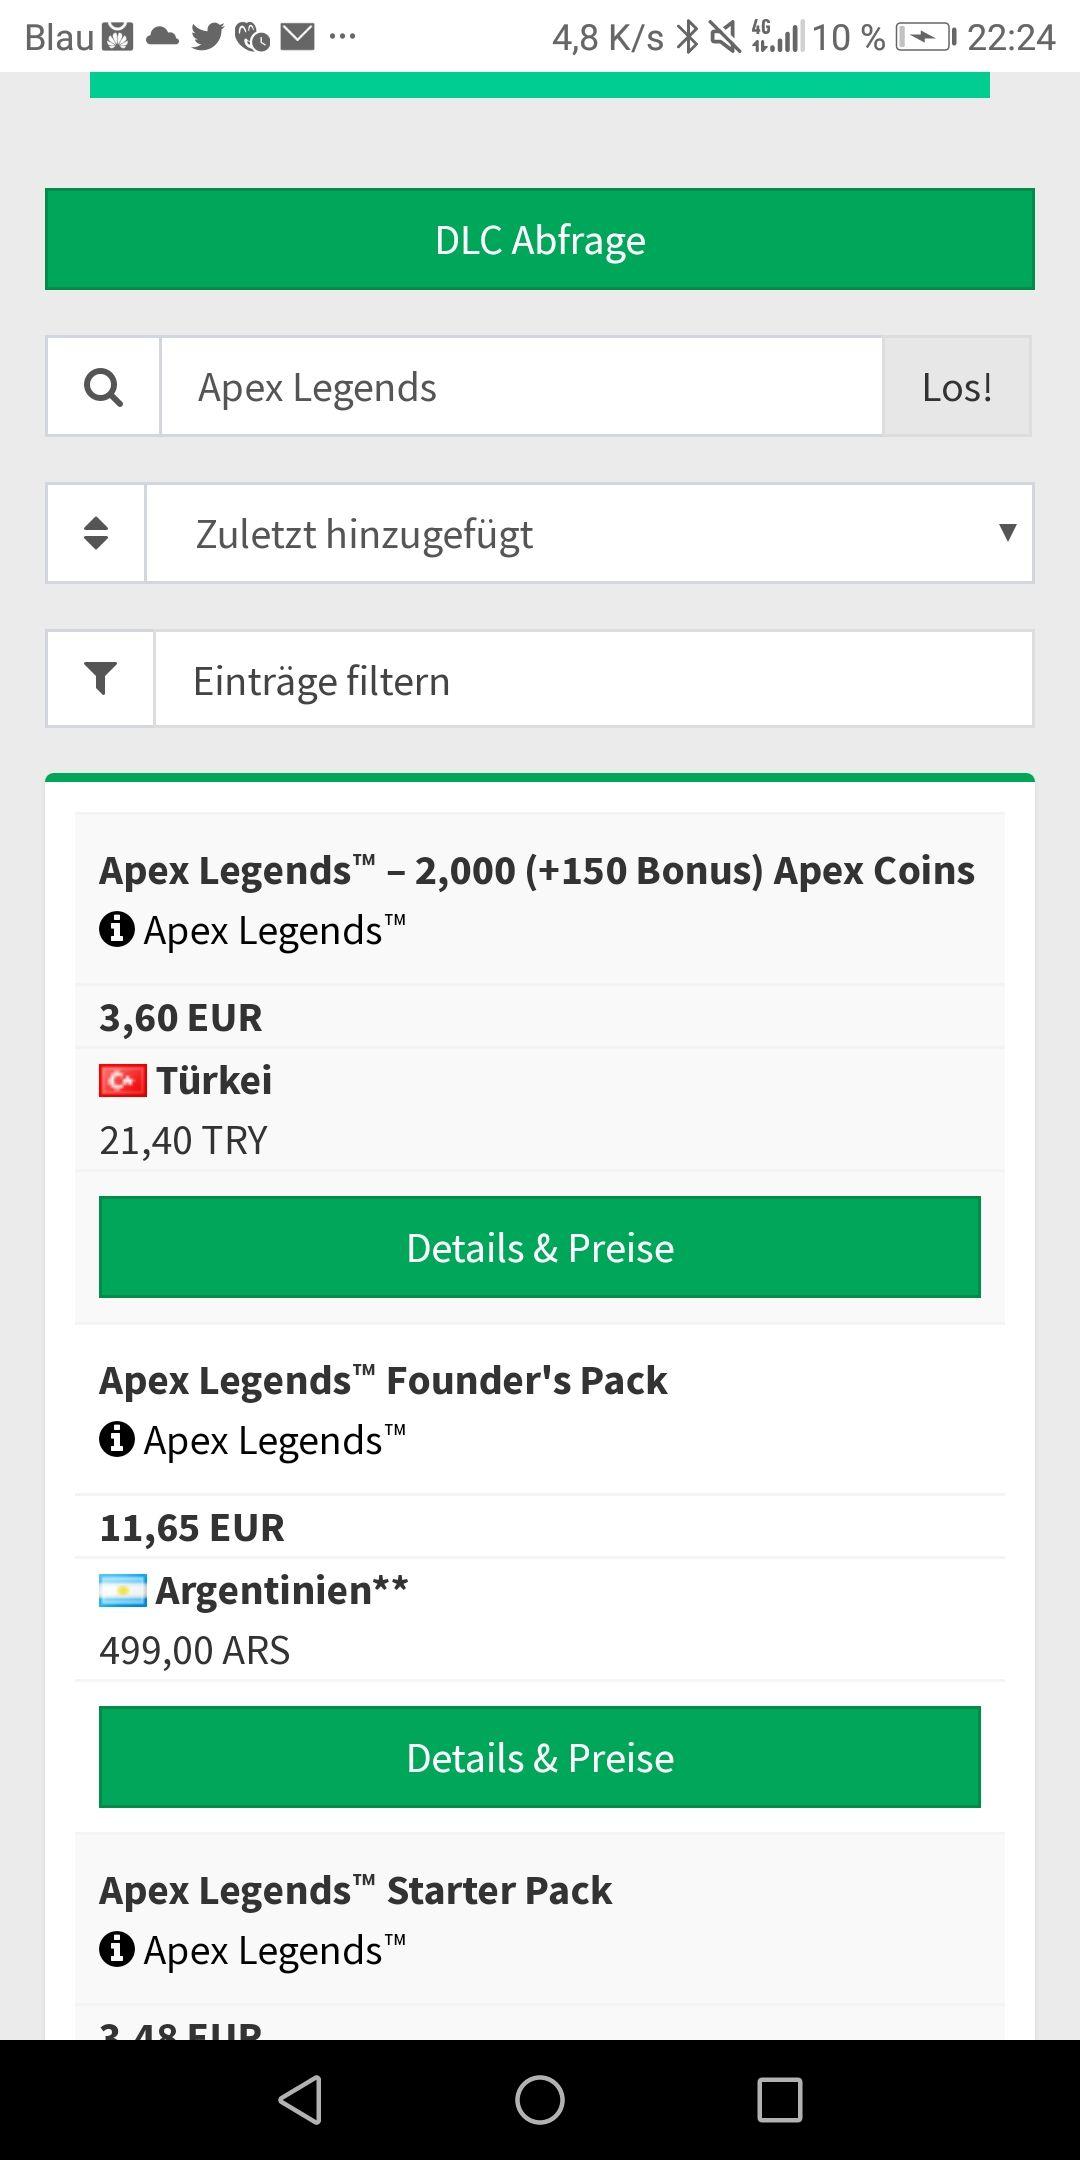 Immer die besten Xbox Preise! 2000 Apex Points für 3,60€